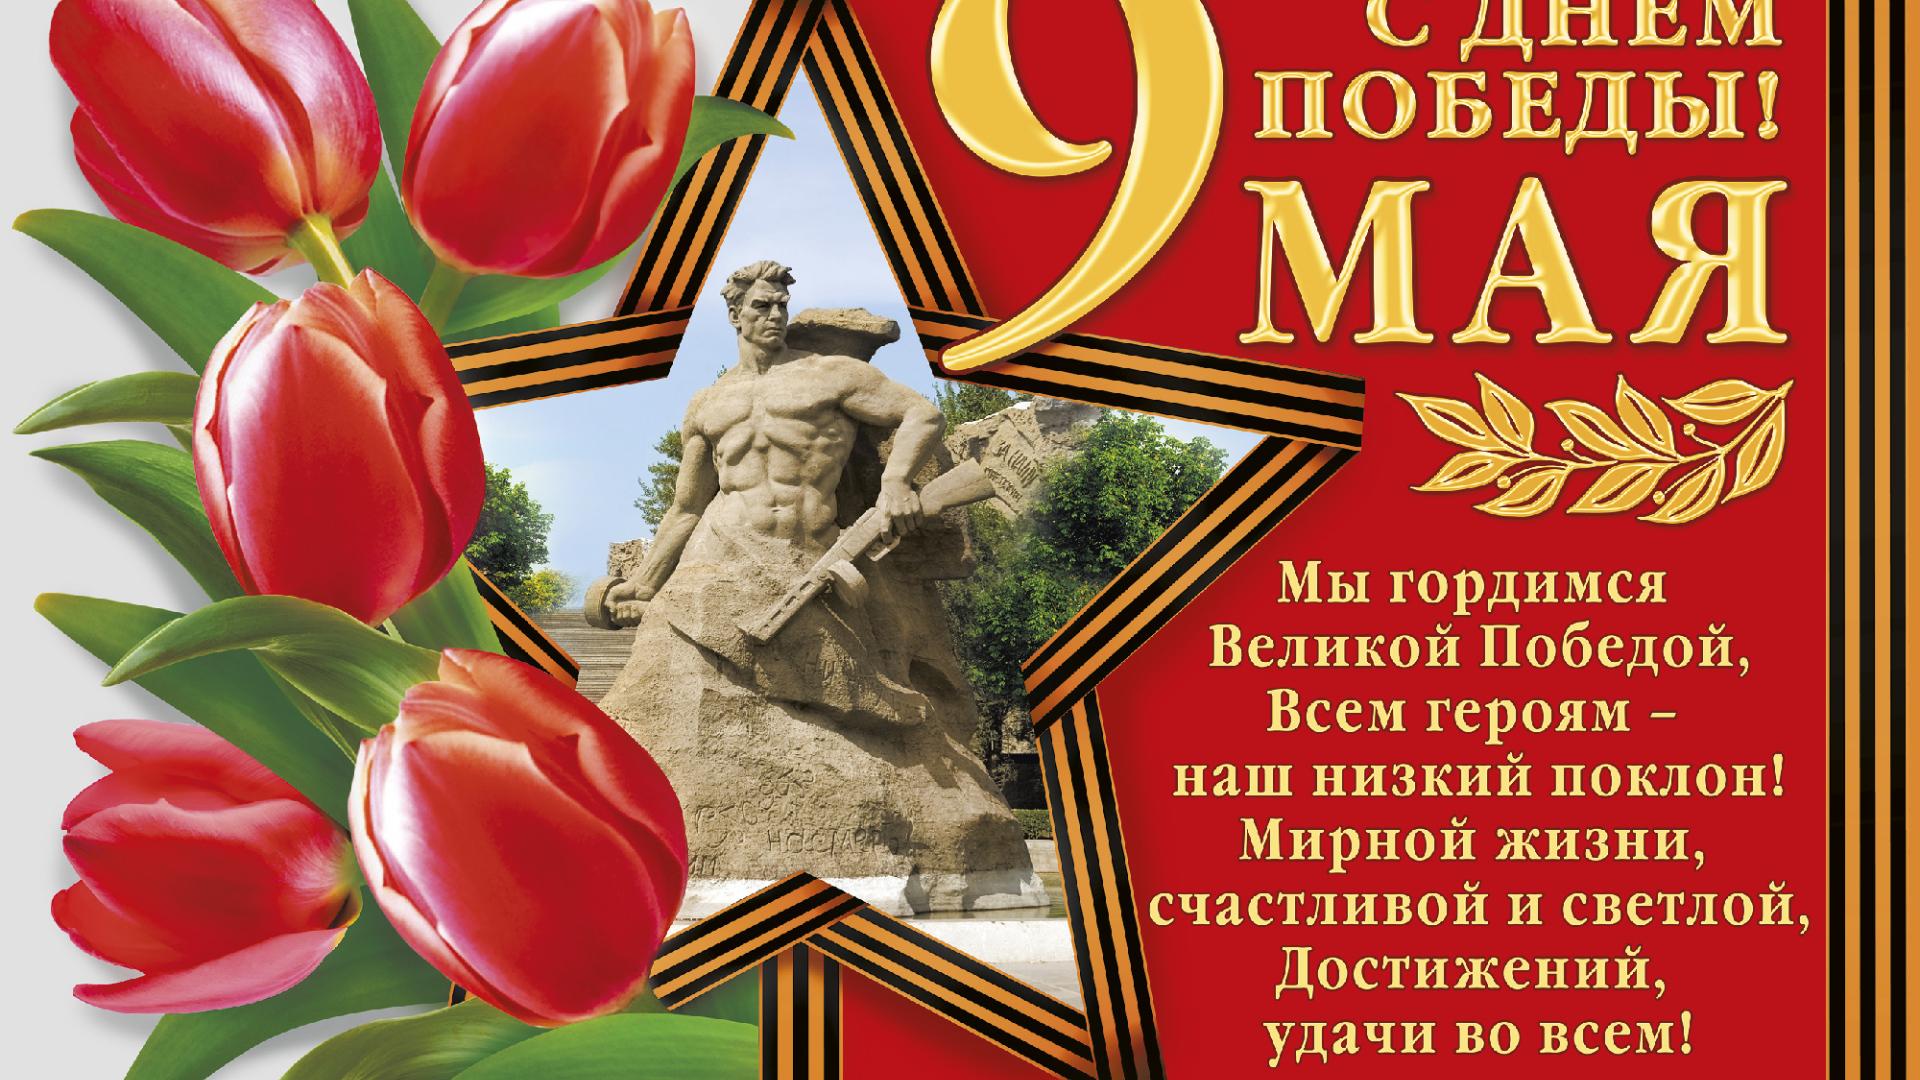 Открытки к 9 мая с надписью, днем рождения